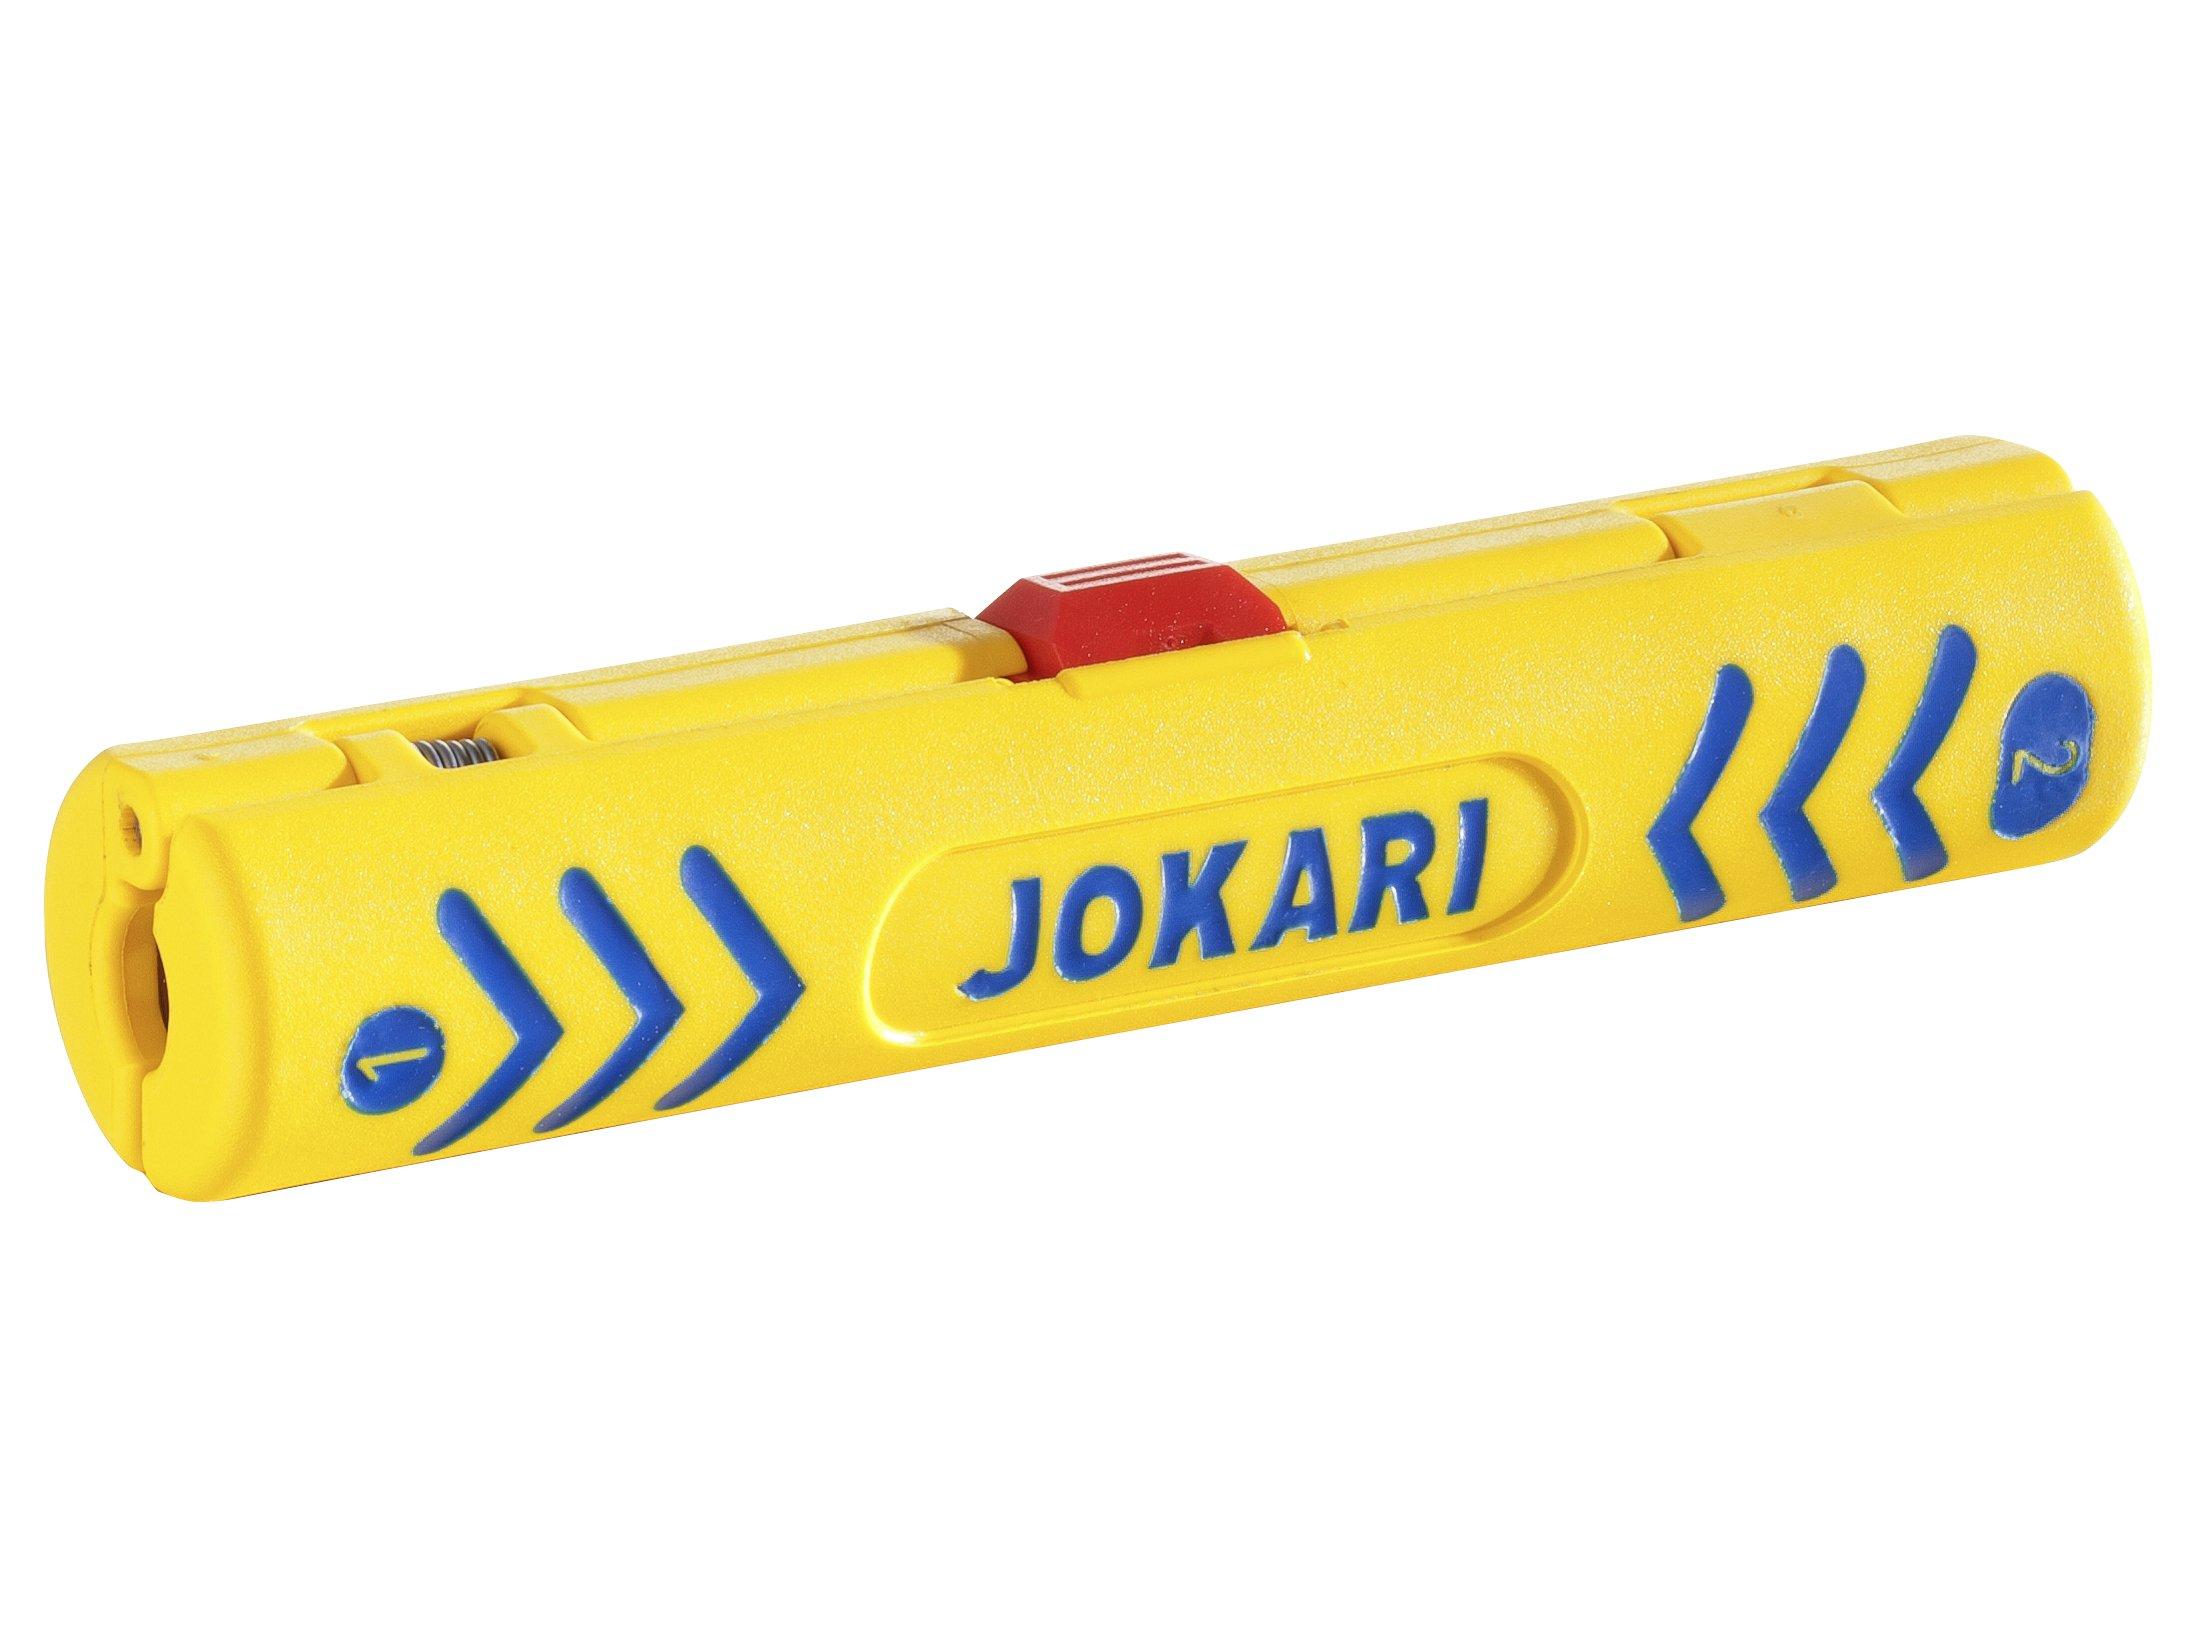 JOKARI T30600 CABLE STRIPPER, COAXIAL CABLES